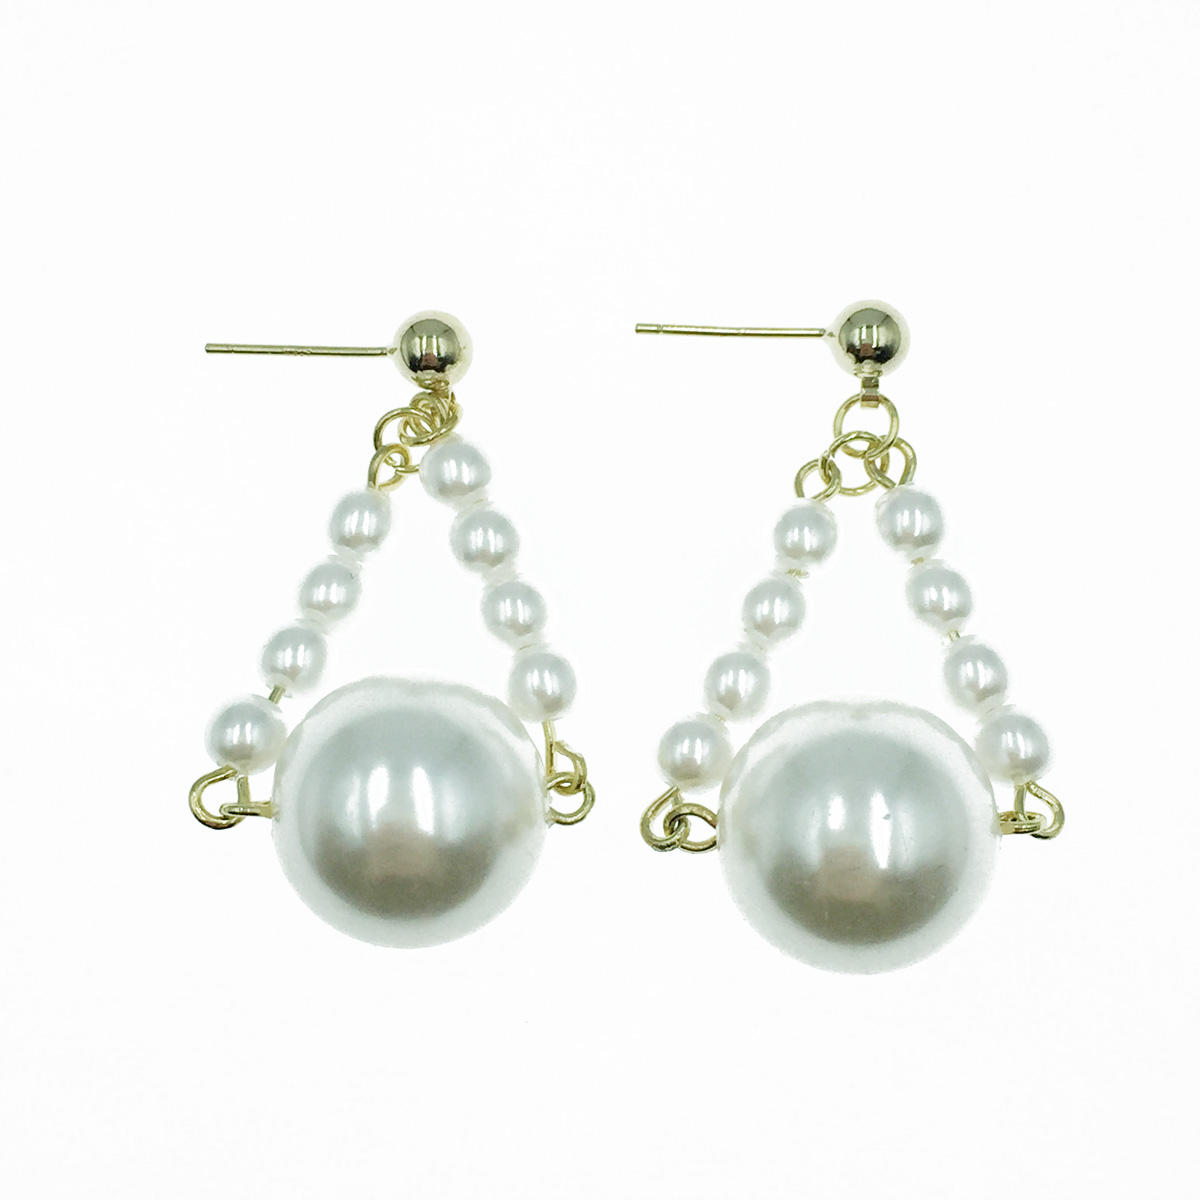 韓國 925純銀 珍珠 簍空三角 垂墜感 耳針式耳環